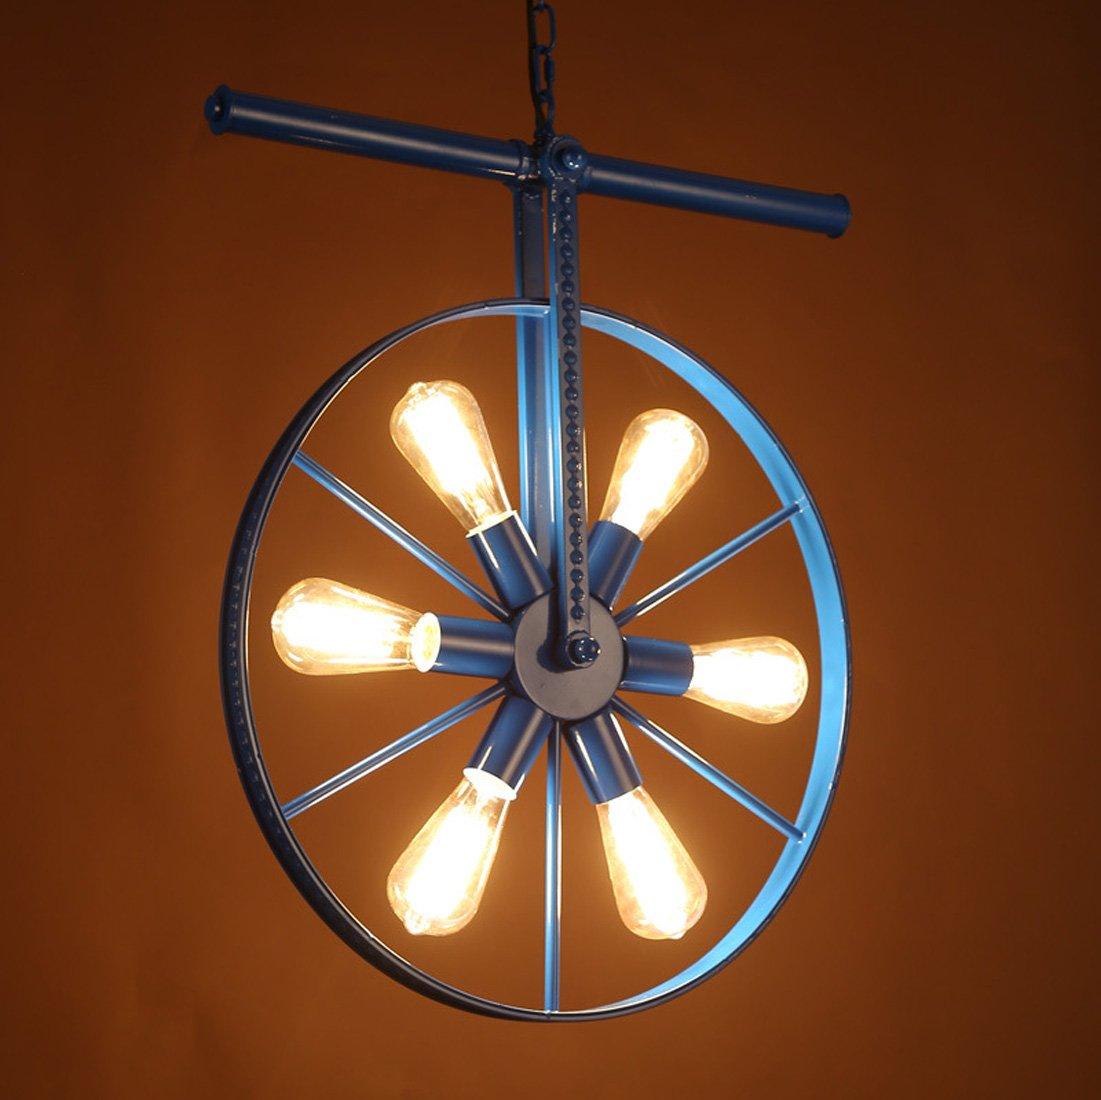 6 Vintage Industrielle Eisenräder Kronleuchter Kreative Windmühle Kronleuchter Industriellen Stil Esszimmer / Schlafzimmer / Showroom / Kaffee / Bar Farbe Kronleuchter (ohne Birne)